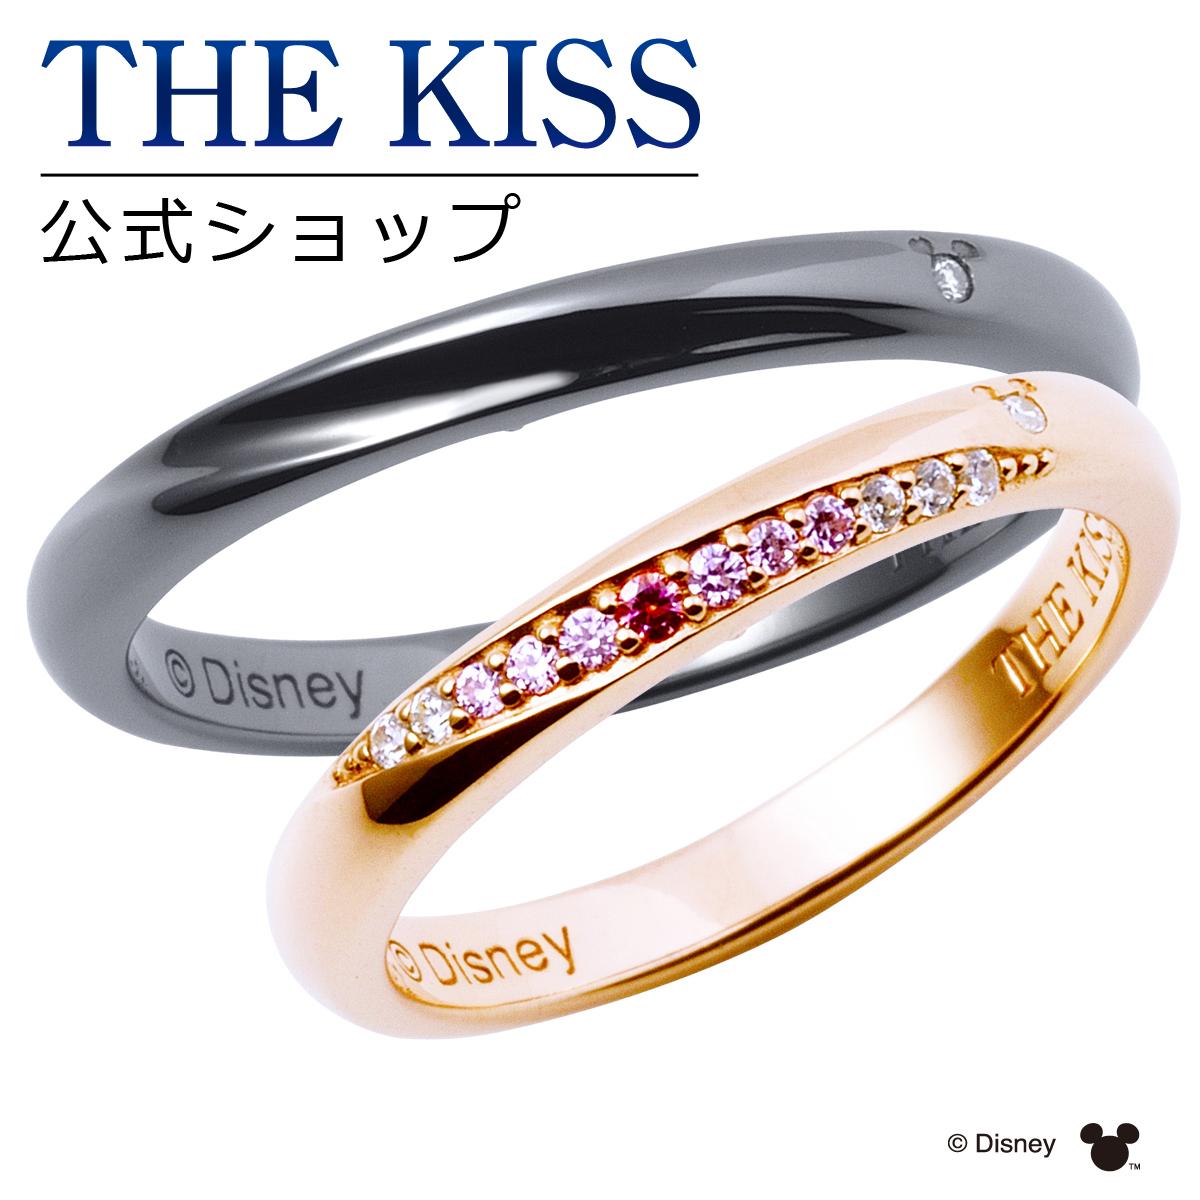 【あす楽対応】【2019年クリスマス限定】【送料無料】【ディズニーコレクション】 ディズニーペアリング 隠れミッキーマウス THE KISS ペアリング シルバー リング・指輪 DI-SR500DM-501DM セット シンプル ザキス